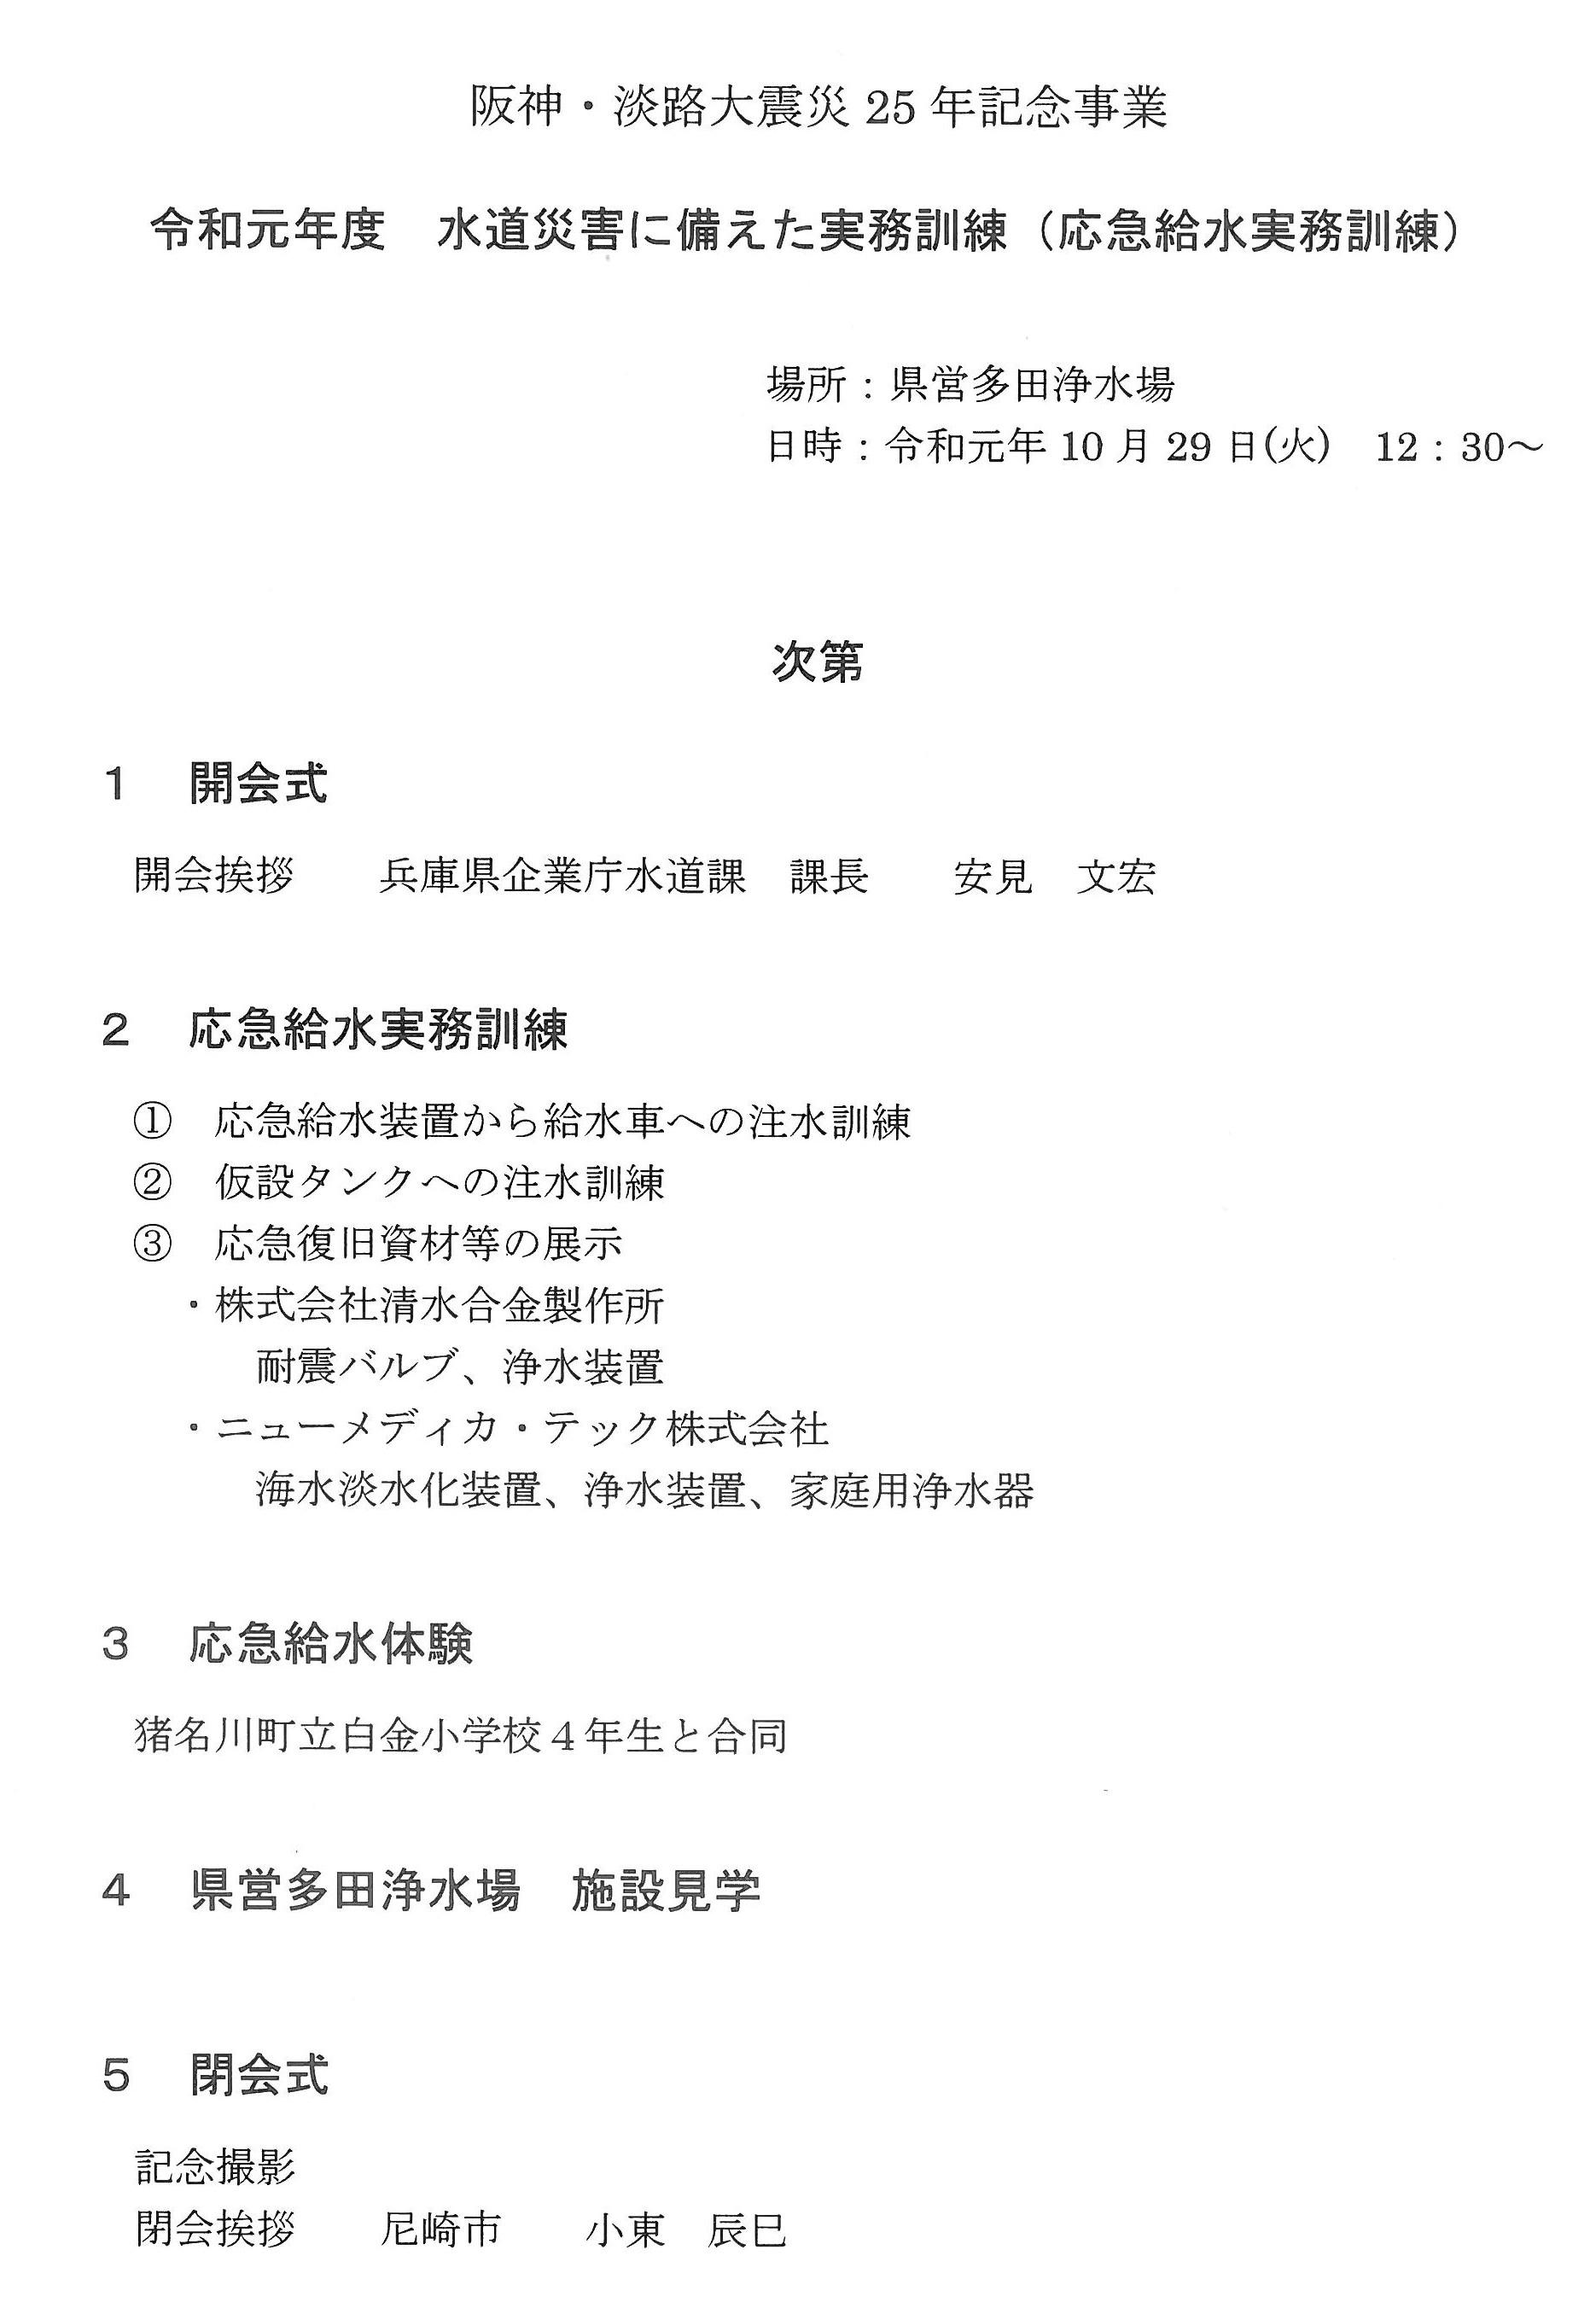 多田浄水場_応急給水実務訓練プログラム_ページ_01